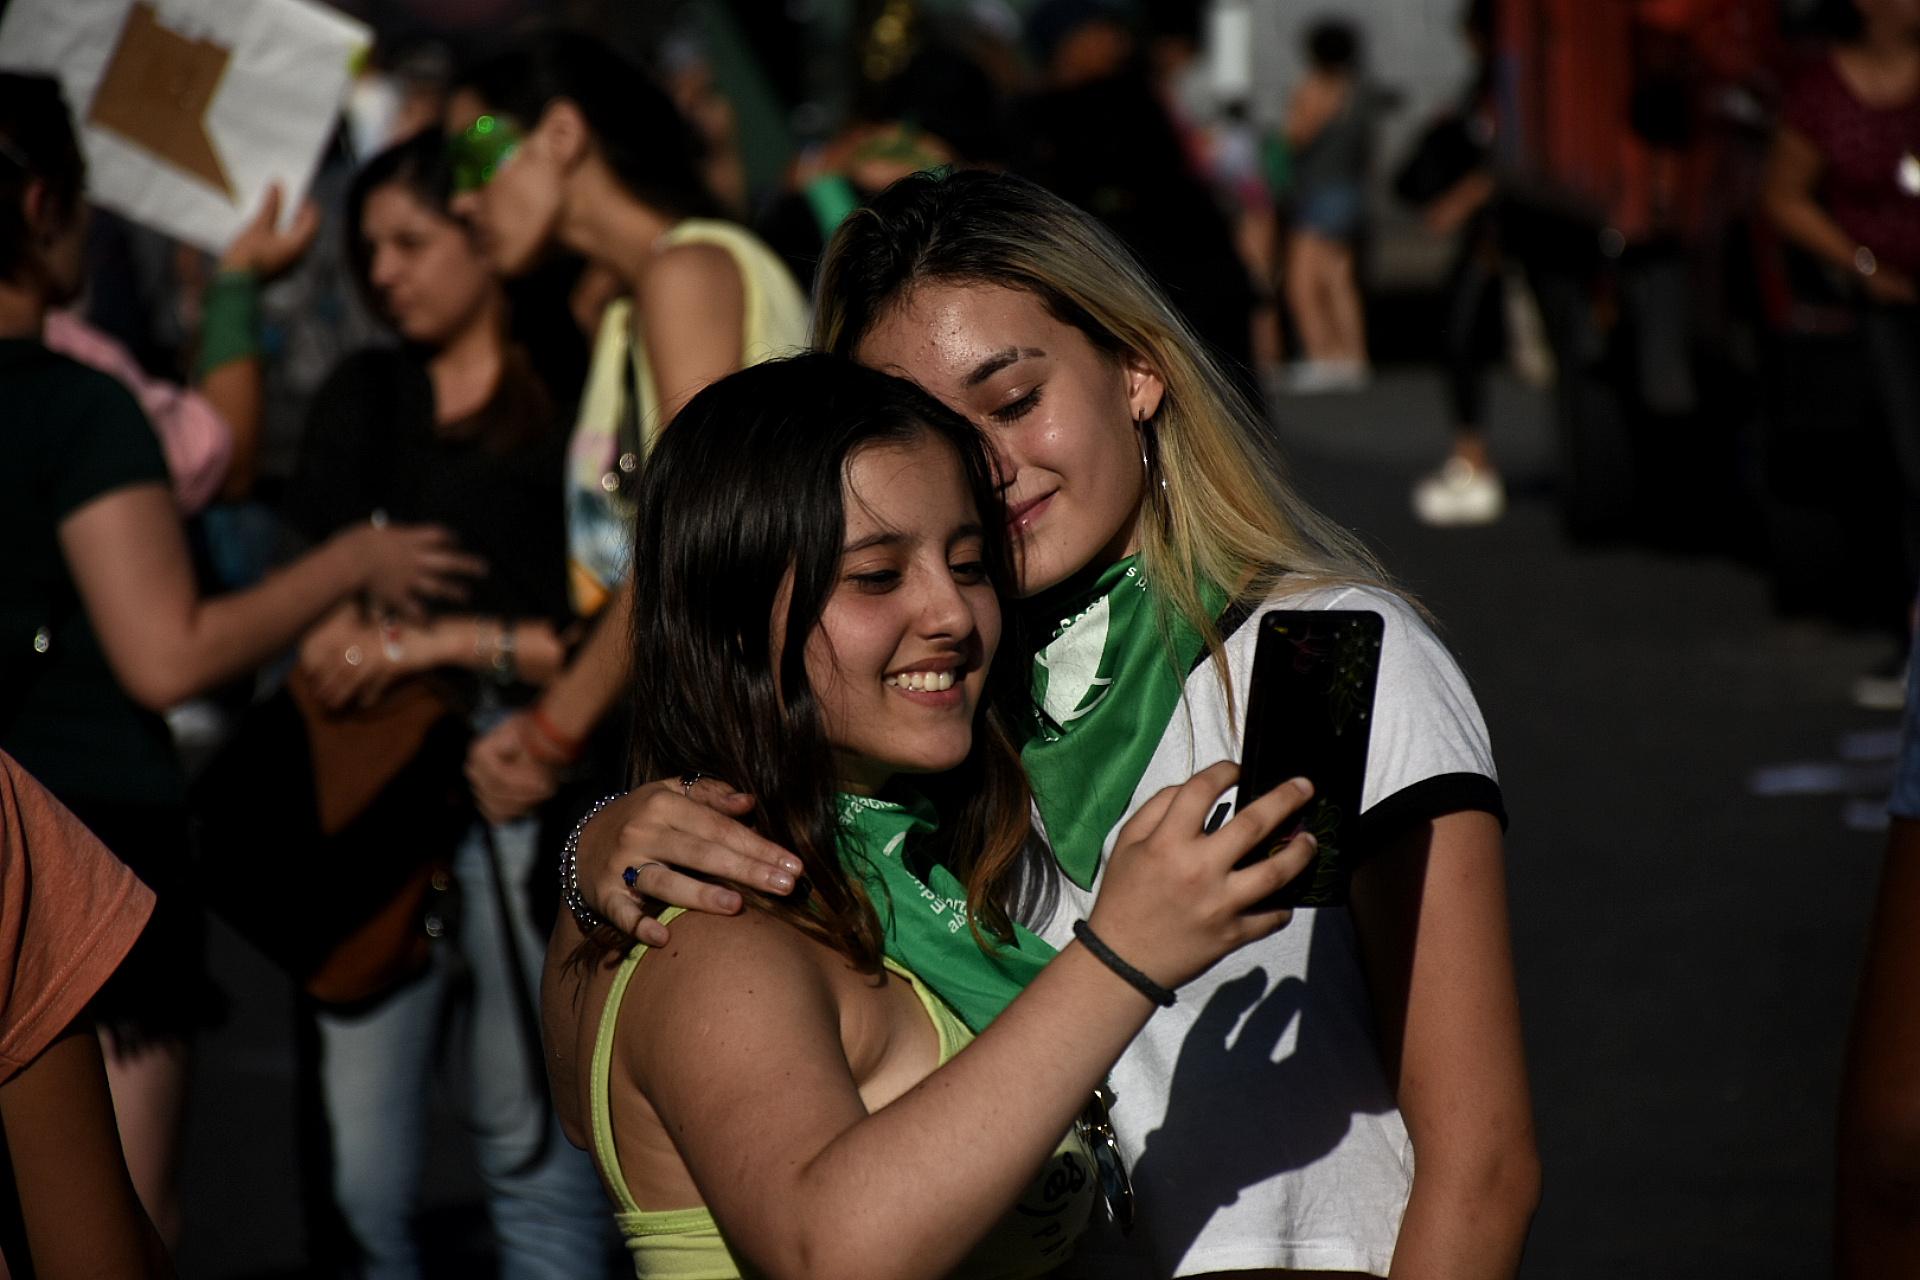 Dos jóvenes posan para una selfie con el pañuelo verde